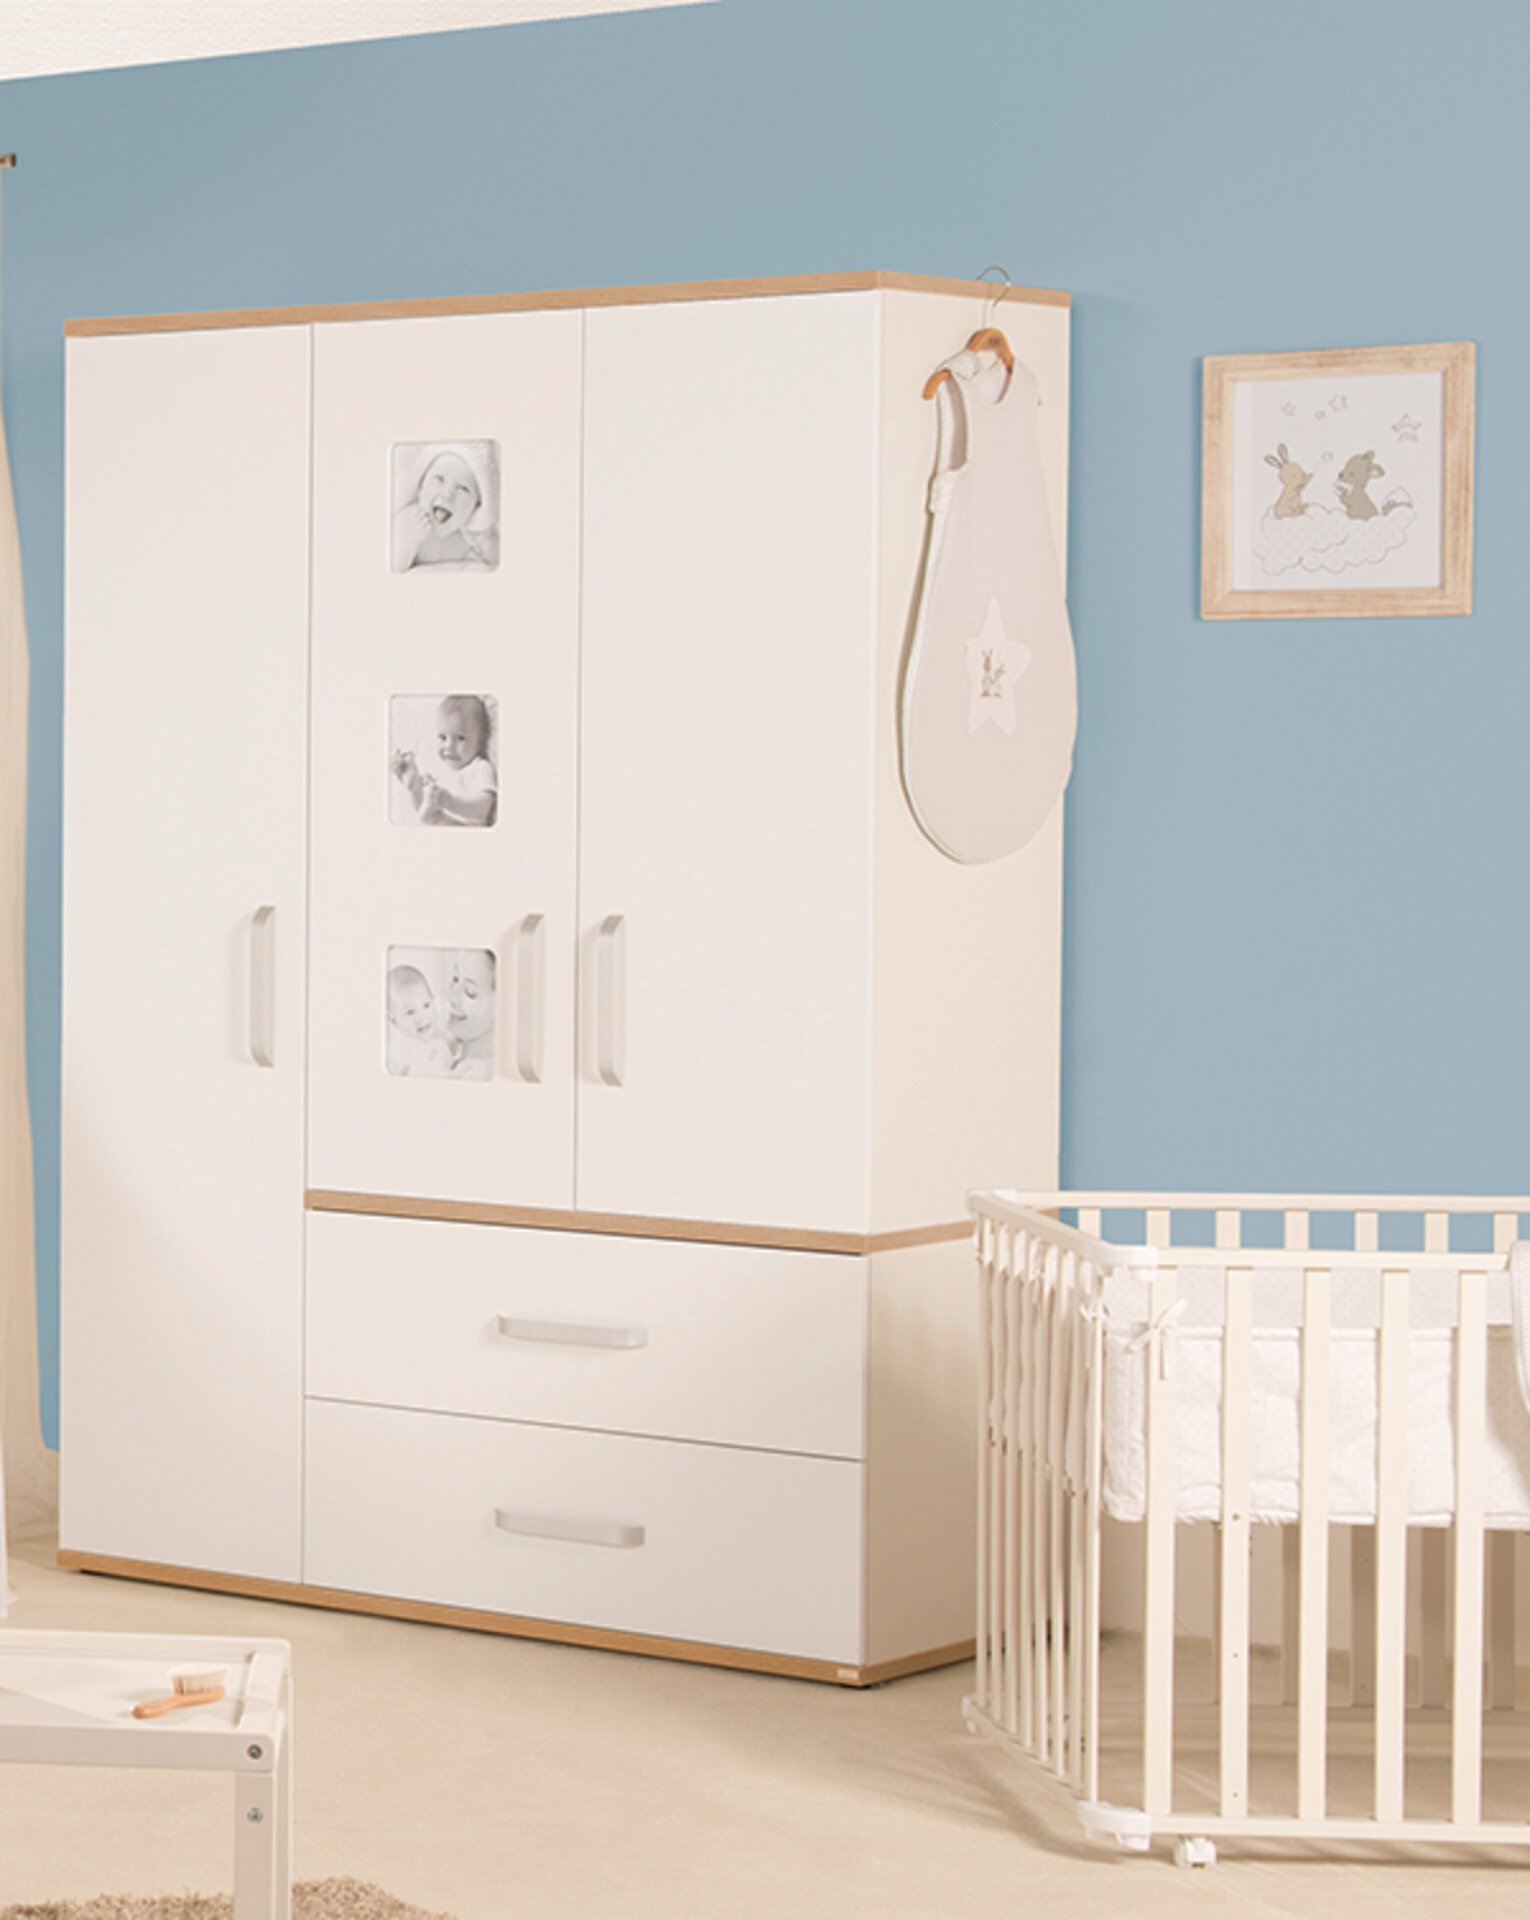 Kleiderschrank Pia Roba Baumann Holzwerkstoff weiß 55 x 193 x 135 cm